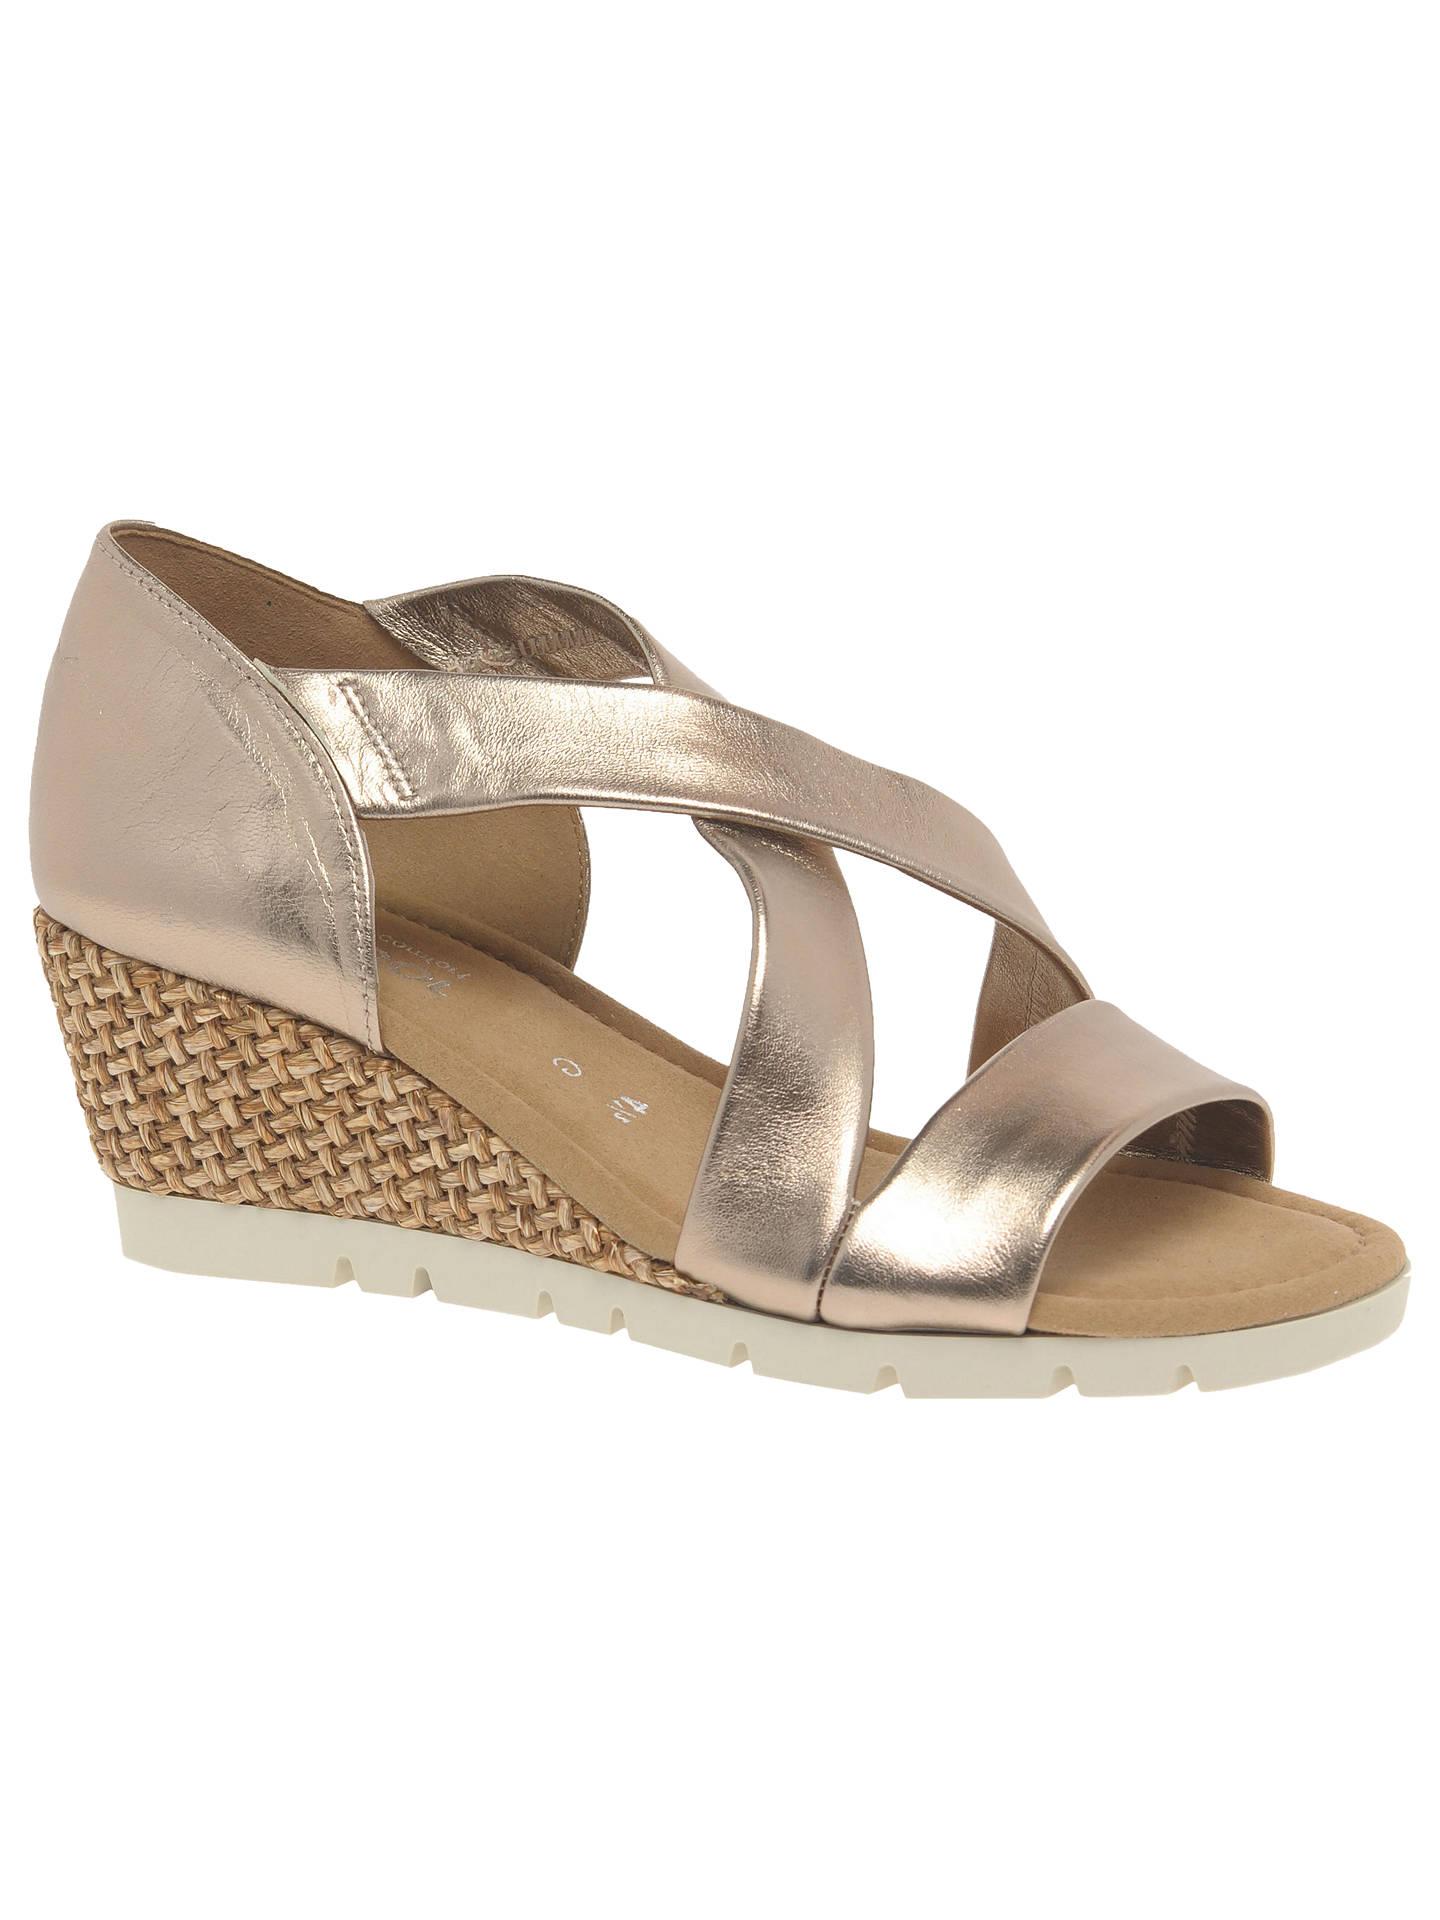 d3d9ac9173d Buy Gabor Lisette Wide Fit Cross Strap Sandals